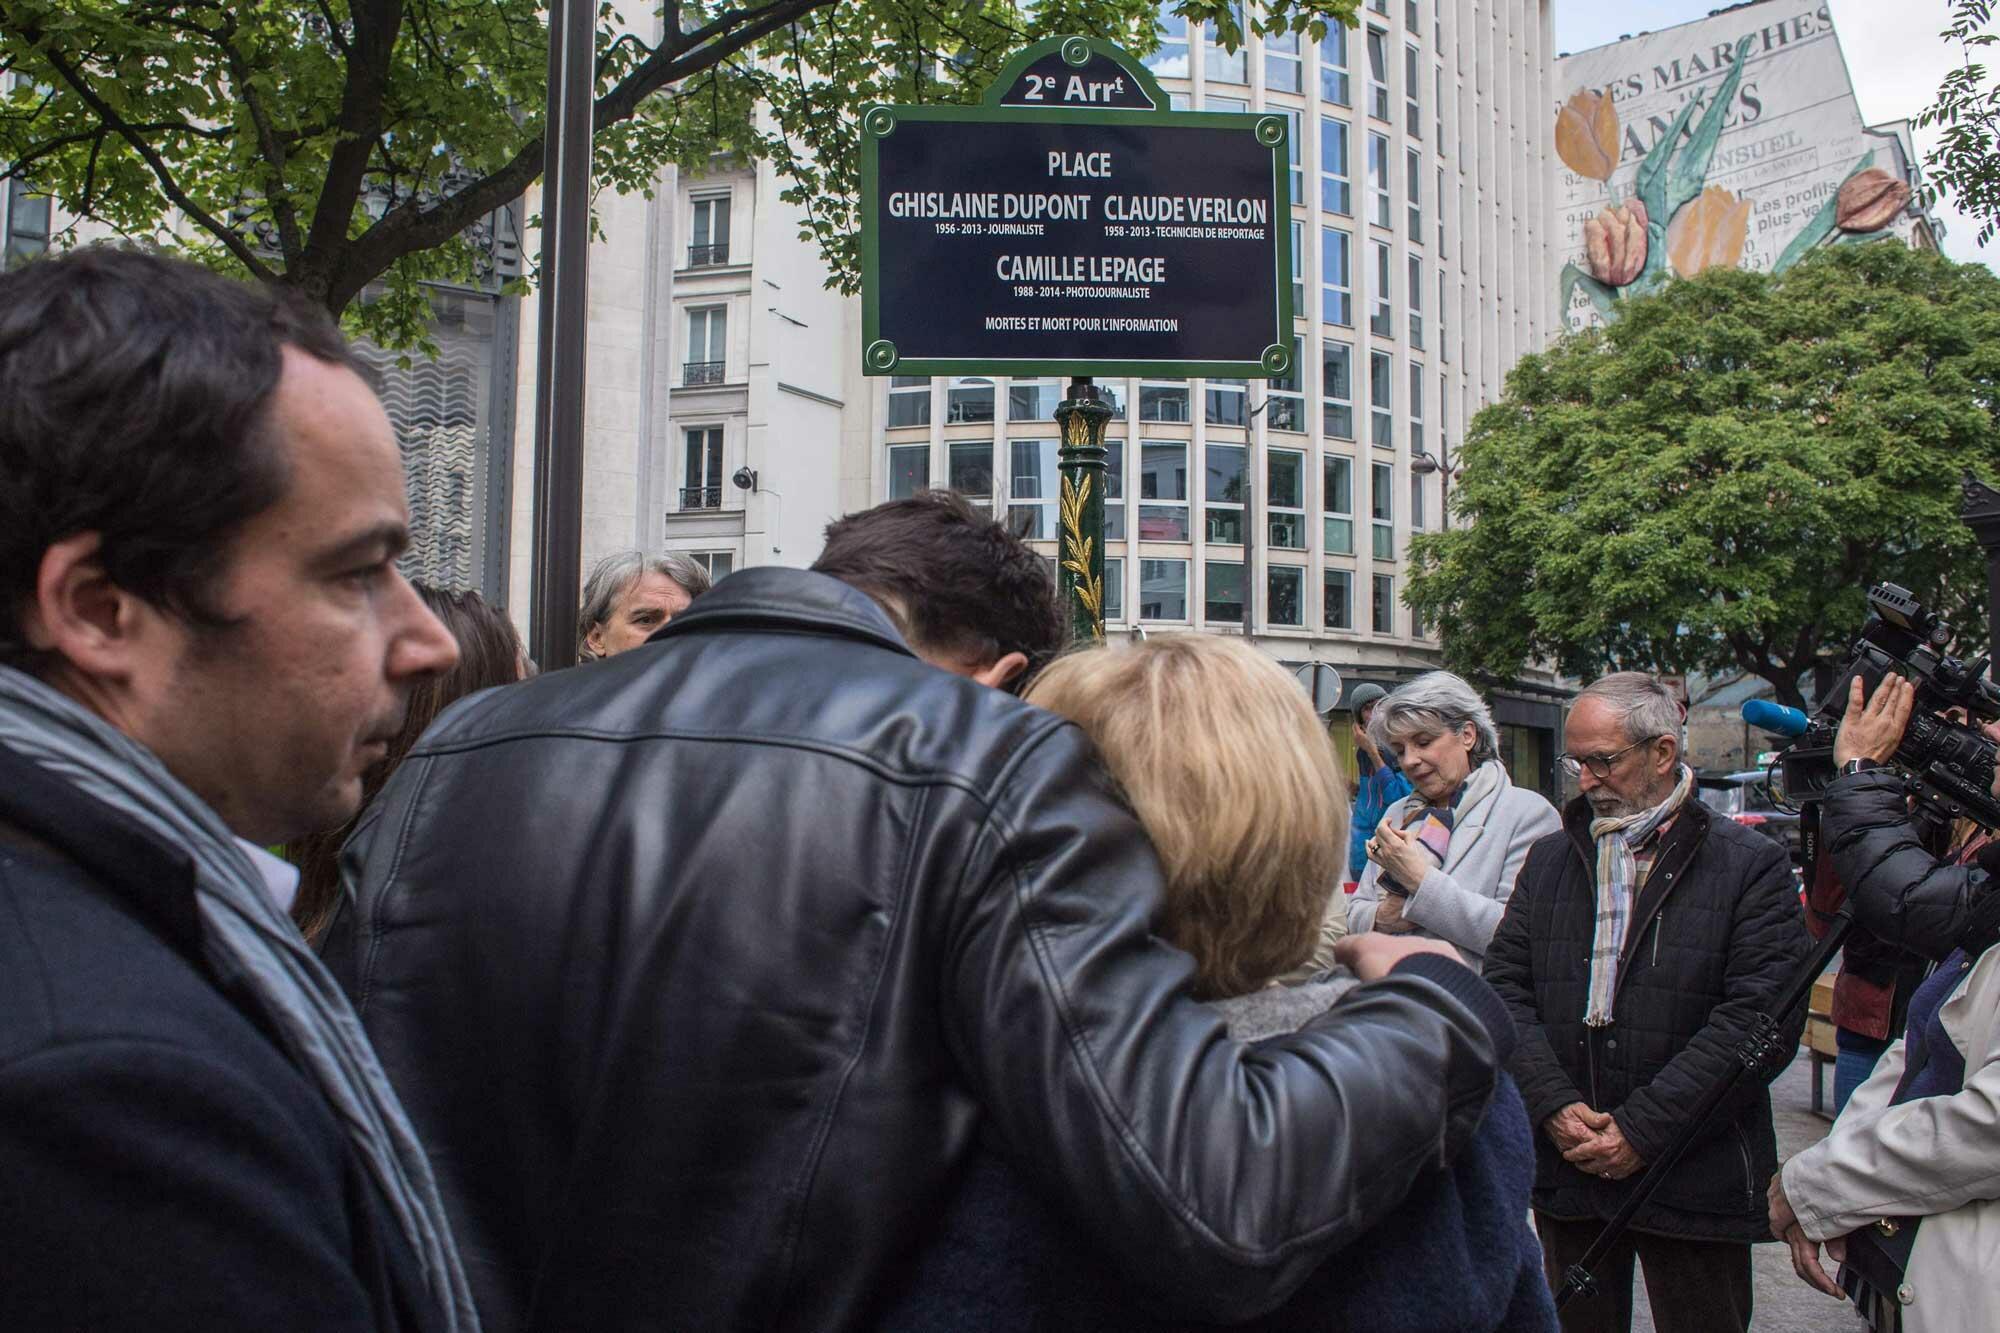 Une place au nom de Camille Lepage à Paris